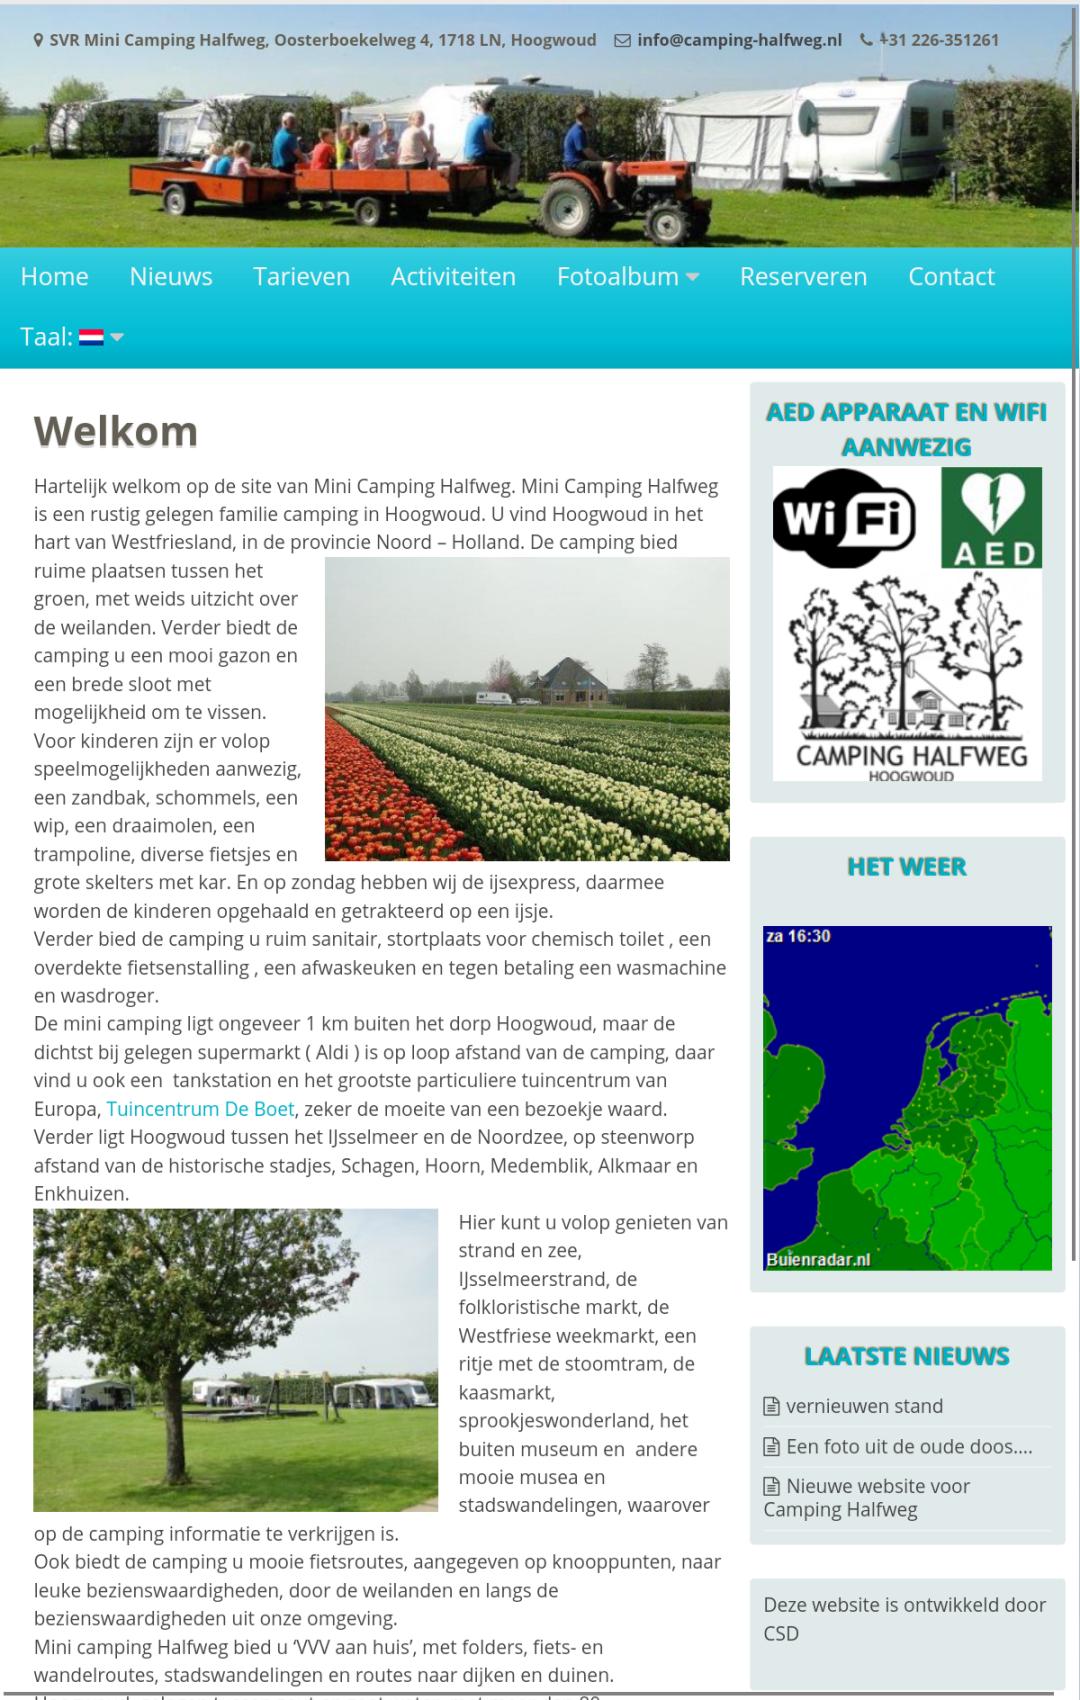 Website voor Camping Halfweg door CSD